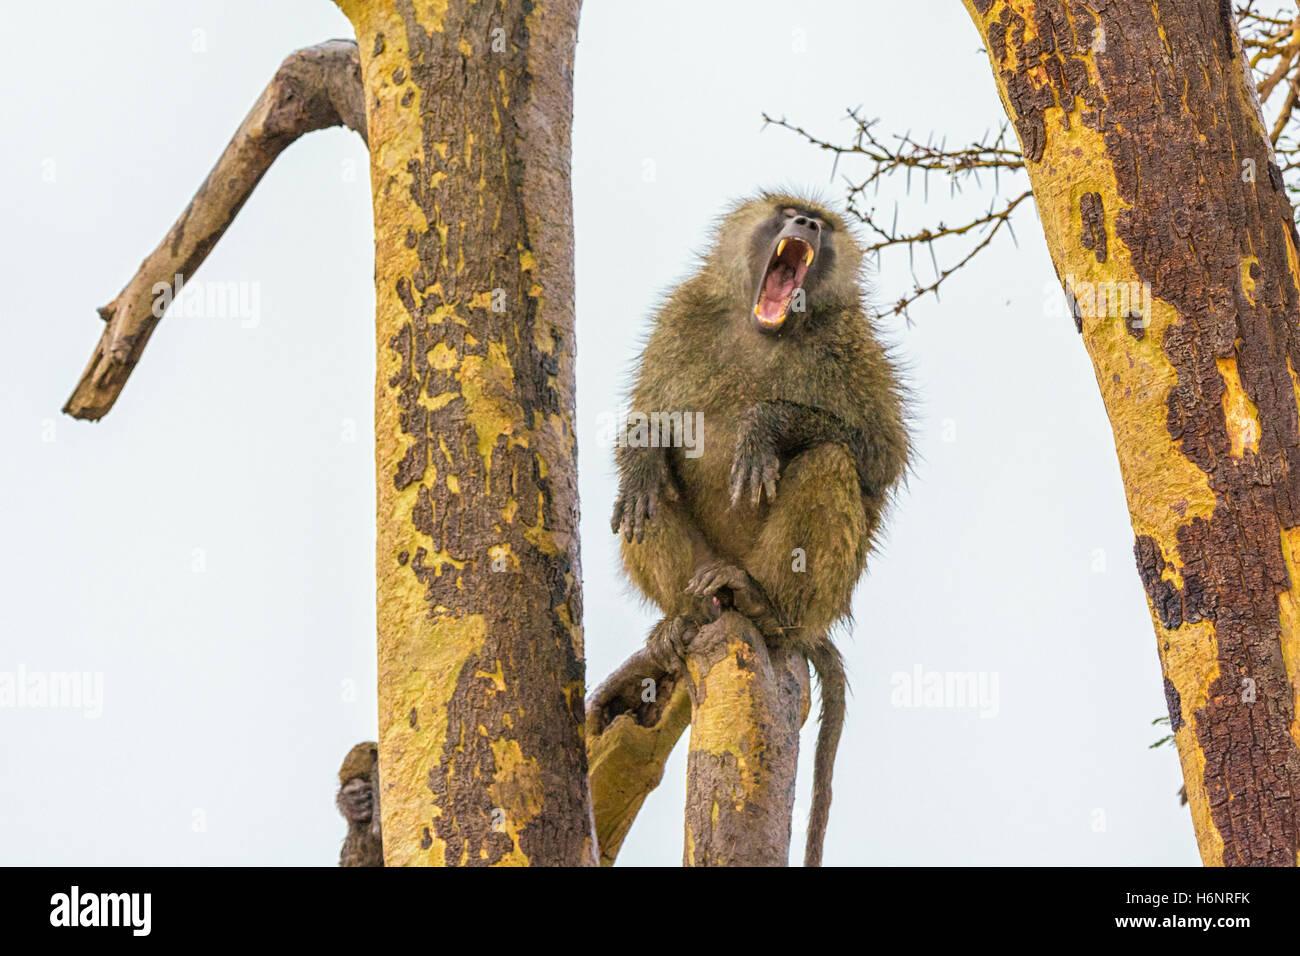 L'un des profils Wild Olive Papio anubis babouin, les bâillements avec une bouche large montrant les dents, Photo Stock